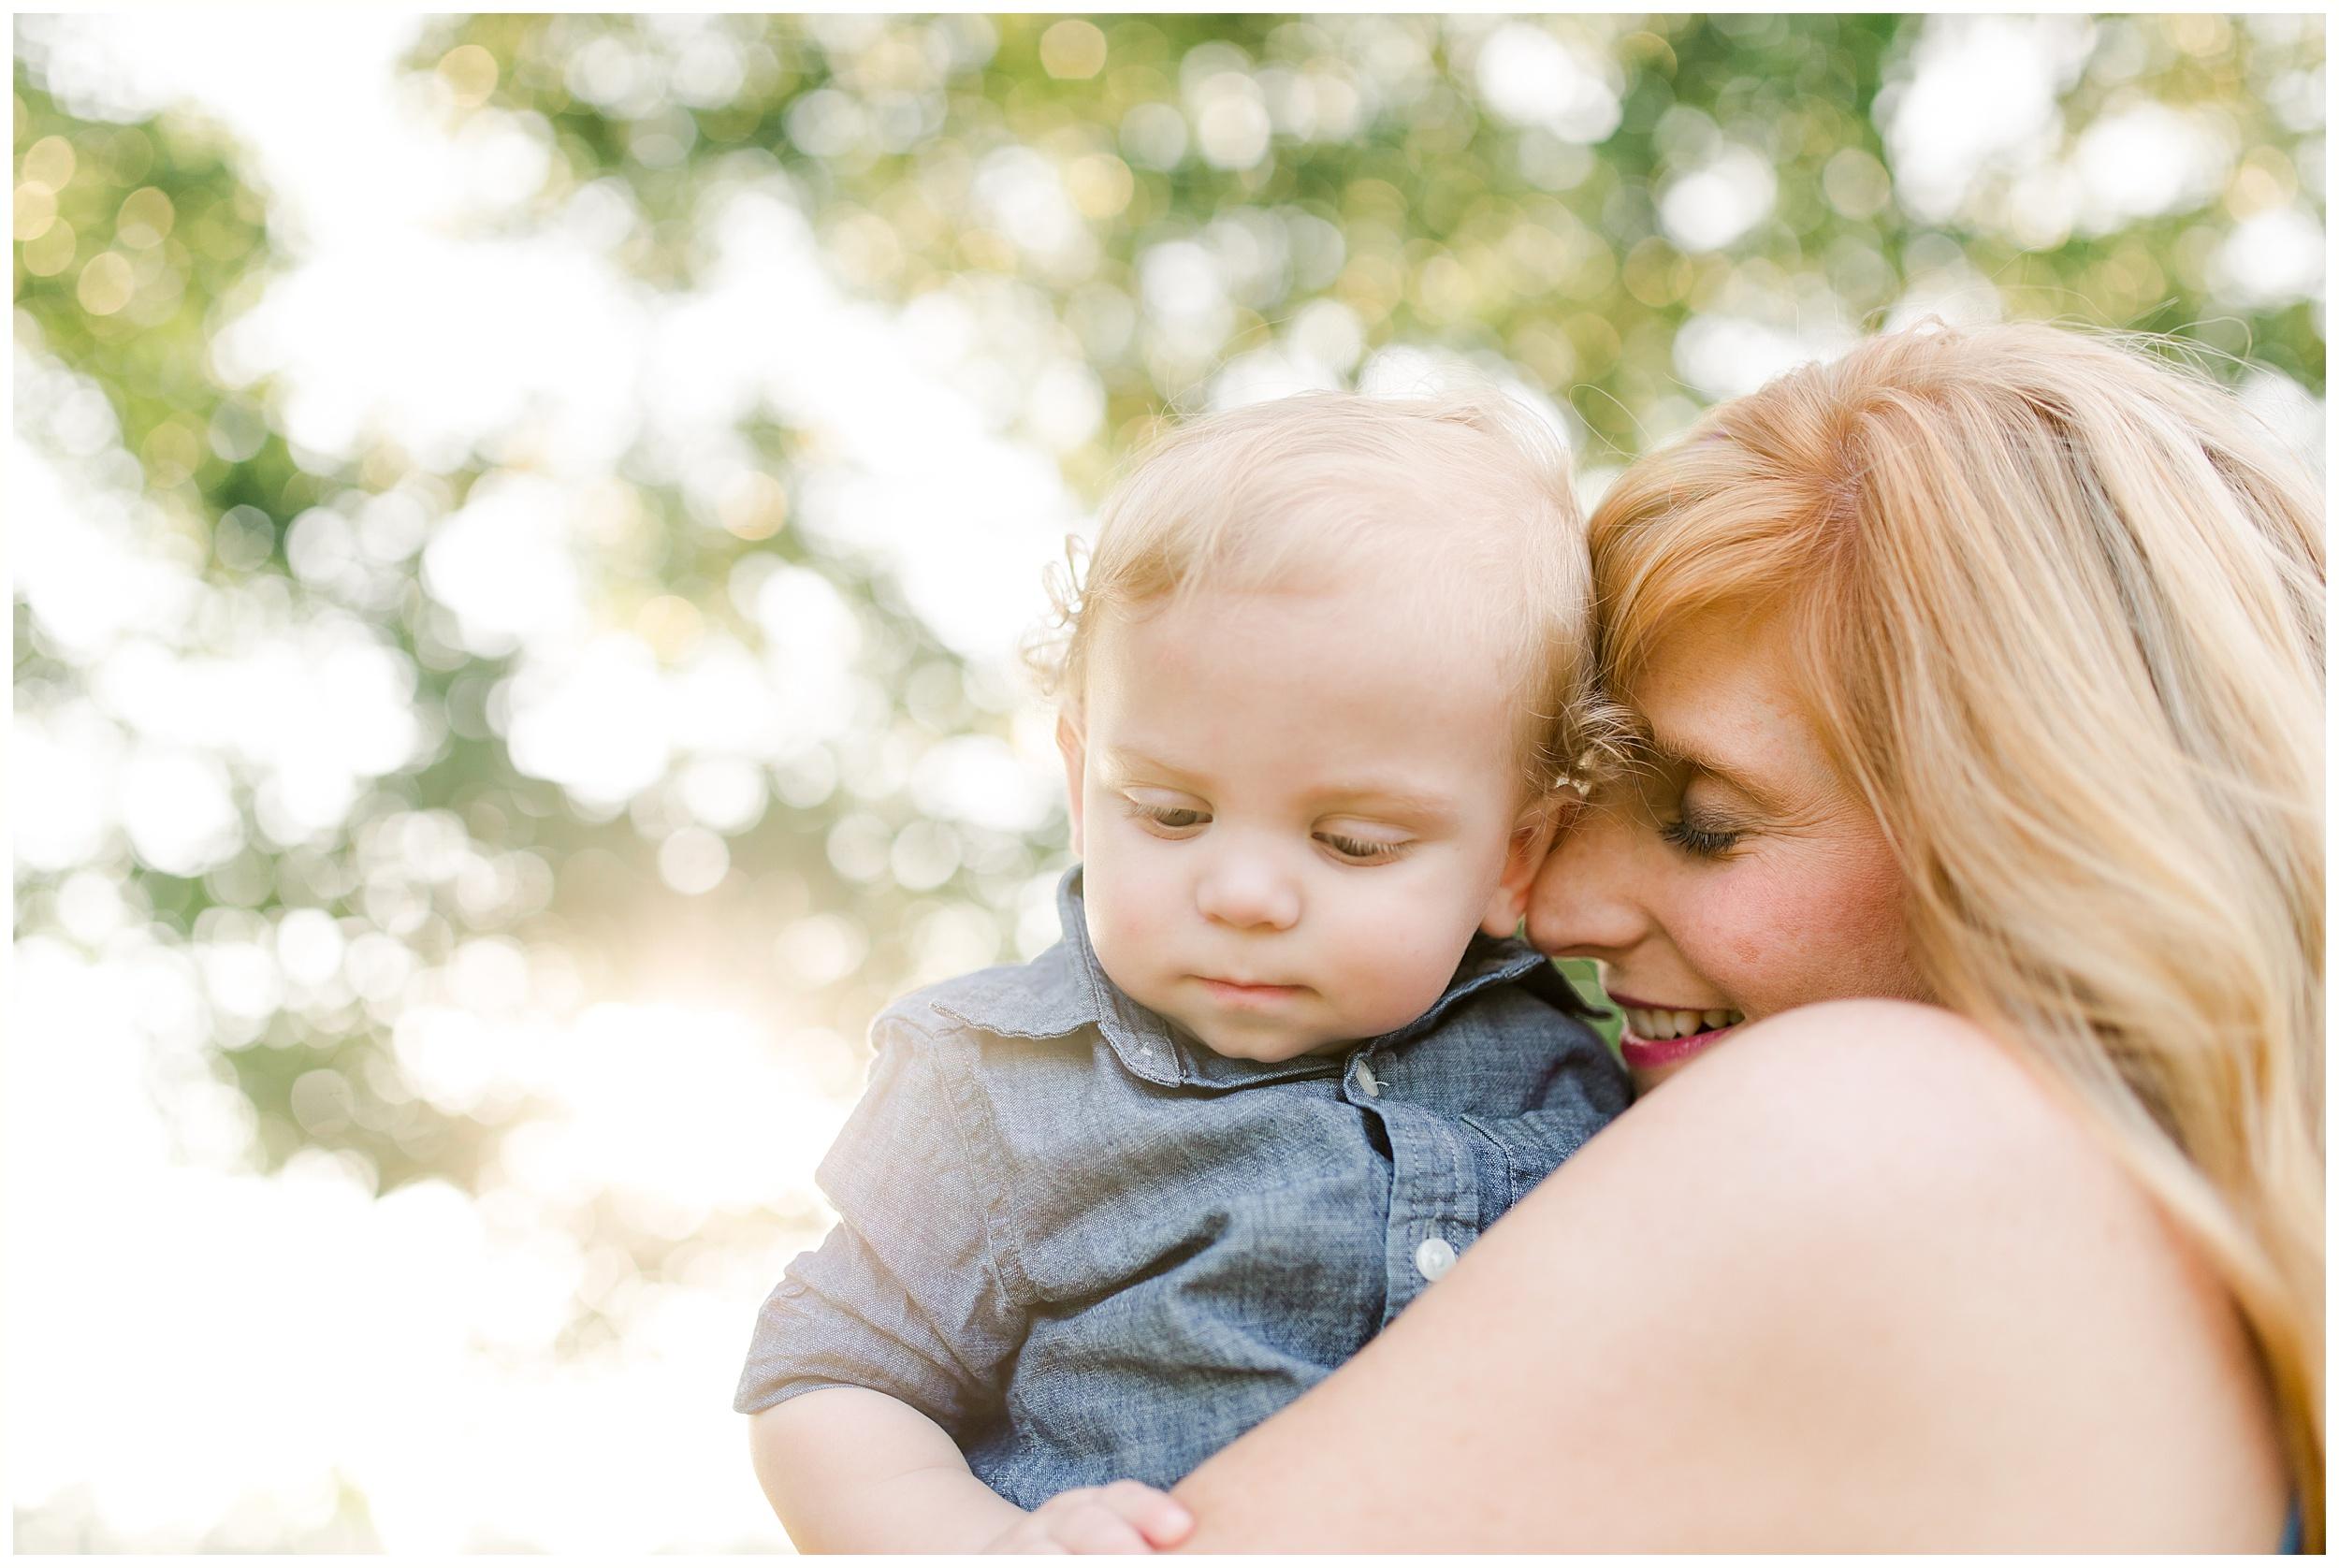 lexington-ky-family-lifestyle-photographer-priscilla-baierlein_1393.jpg